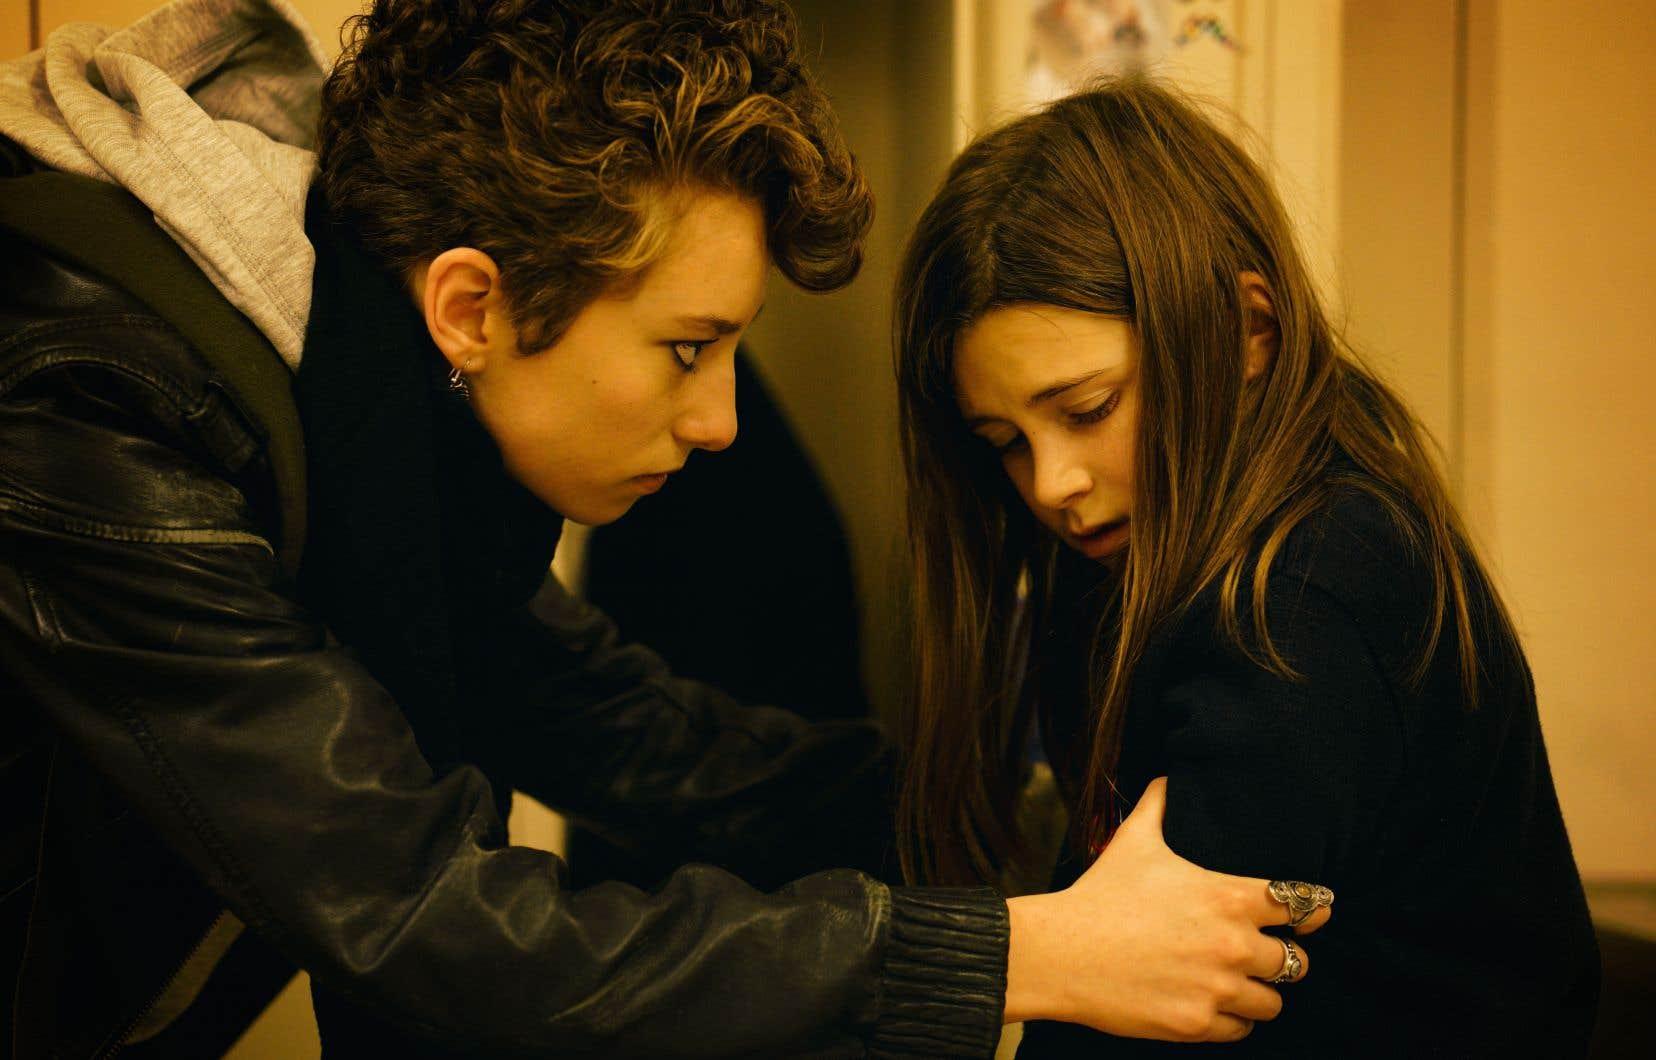 Éléonore Loiselle incarne Océane tandis que Maèva Tremblay interprète Marine. La première embrase l'écran, la seconde broie le cœur avec ses grands yeux.